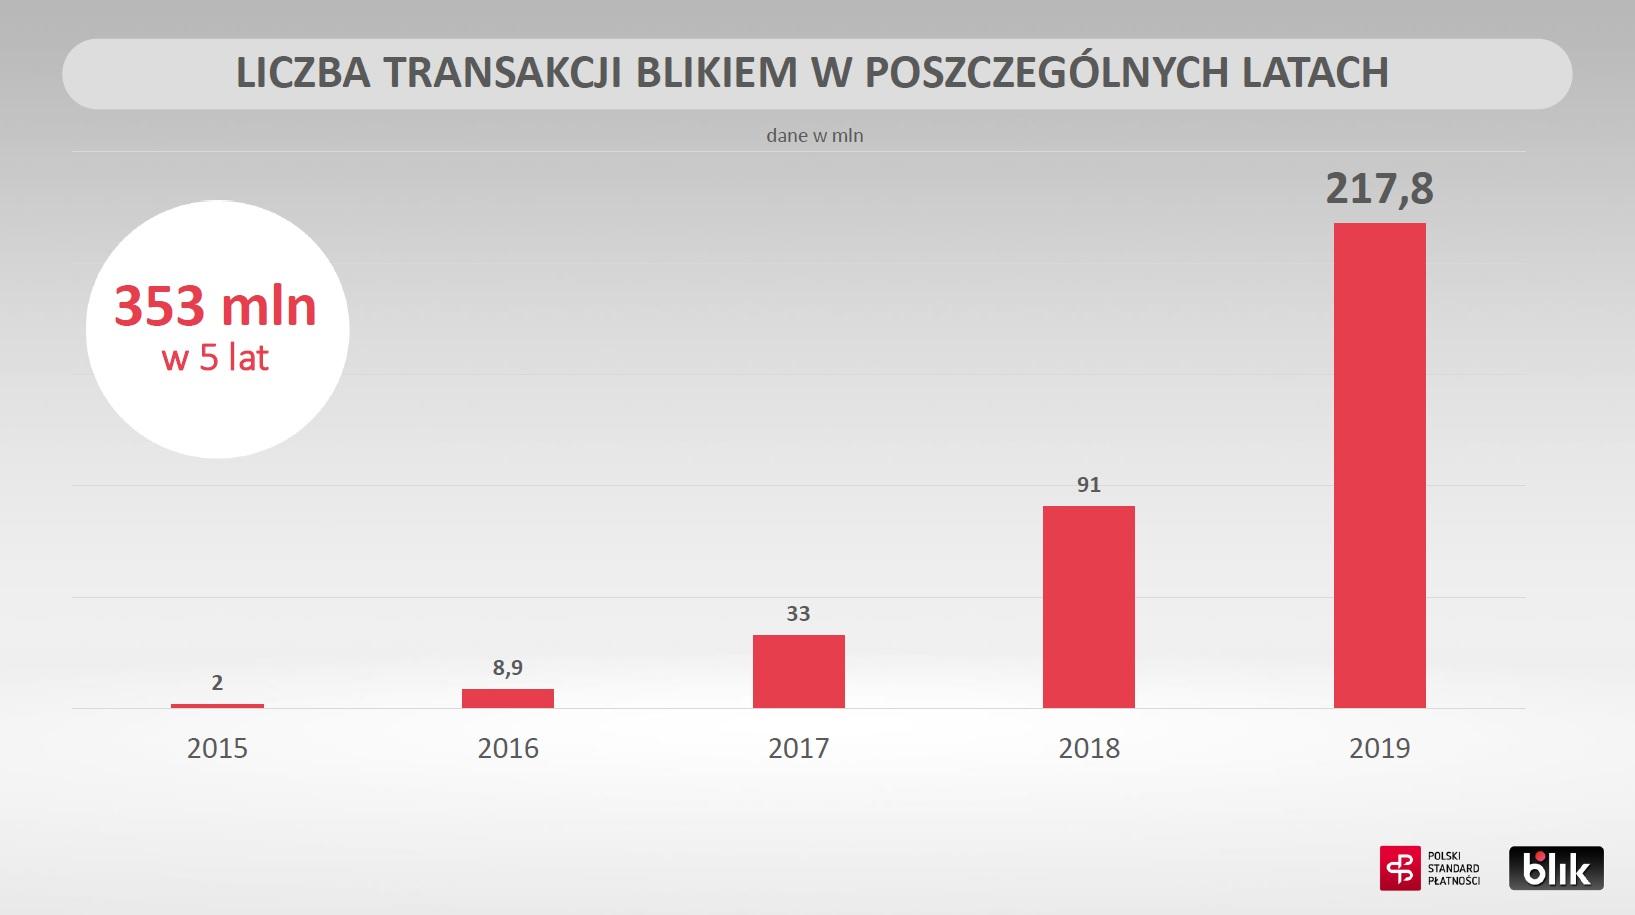 BLIK liczba transakcji 2015-2019